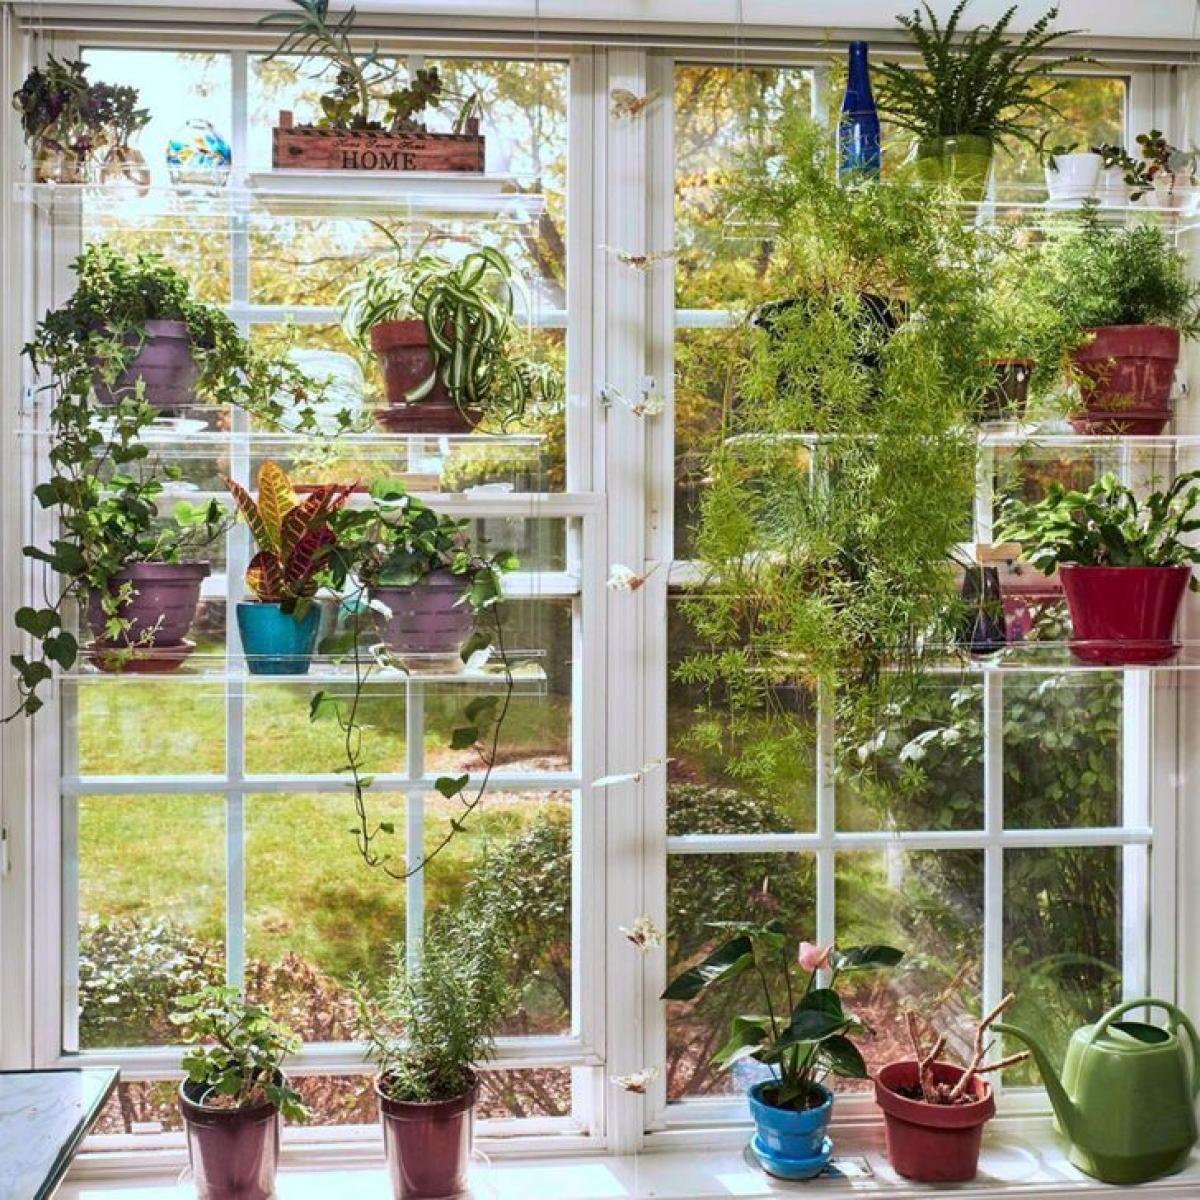 Thực vật: Giải pháp này rất tốt cho những ai thích ngắm nhìn sự tươi mát của cây cối trong nhà. Tất nhiên, chỉ những loại cây chịu nhiệt cao mới thích hợp đặt ở cửa sổ. Nhưng ngay cả những cây cứng nhất cũng có thể không phát triển tốt dưới ánh sáng mặt trời trực tiếp, vì vậy phương pháp thay thế cho rèm cửa này sẽ chỉ phù hợp với các cửa sổ ở phía có bóng râm của nhà bạn.